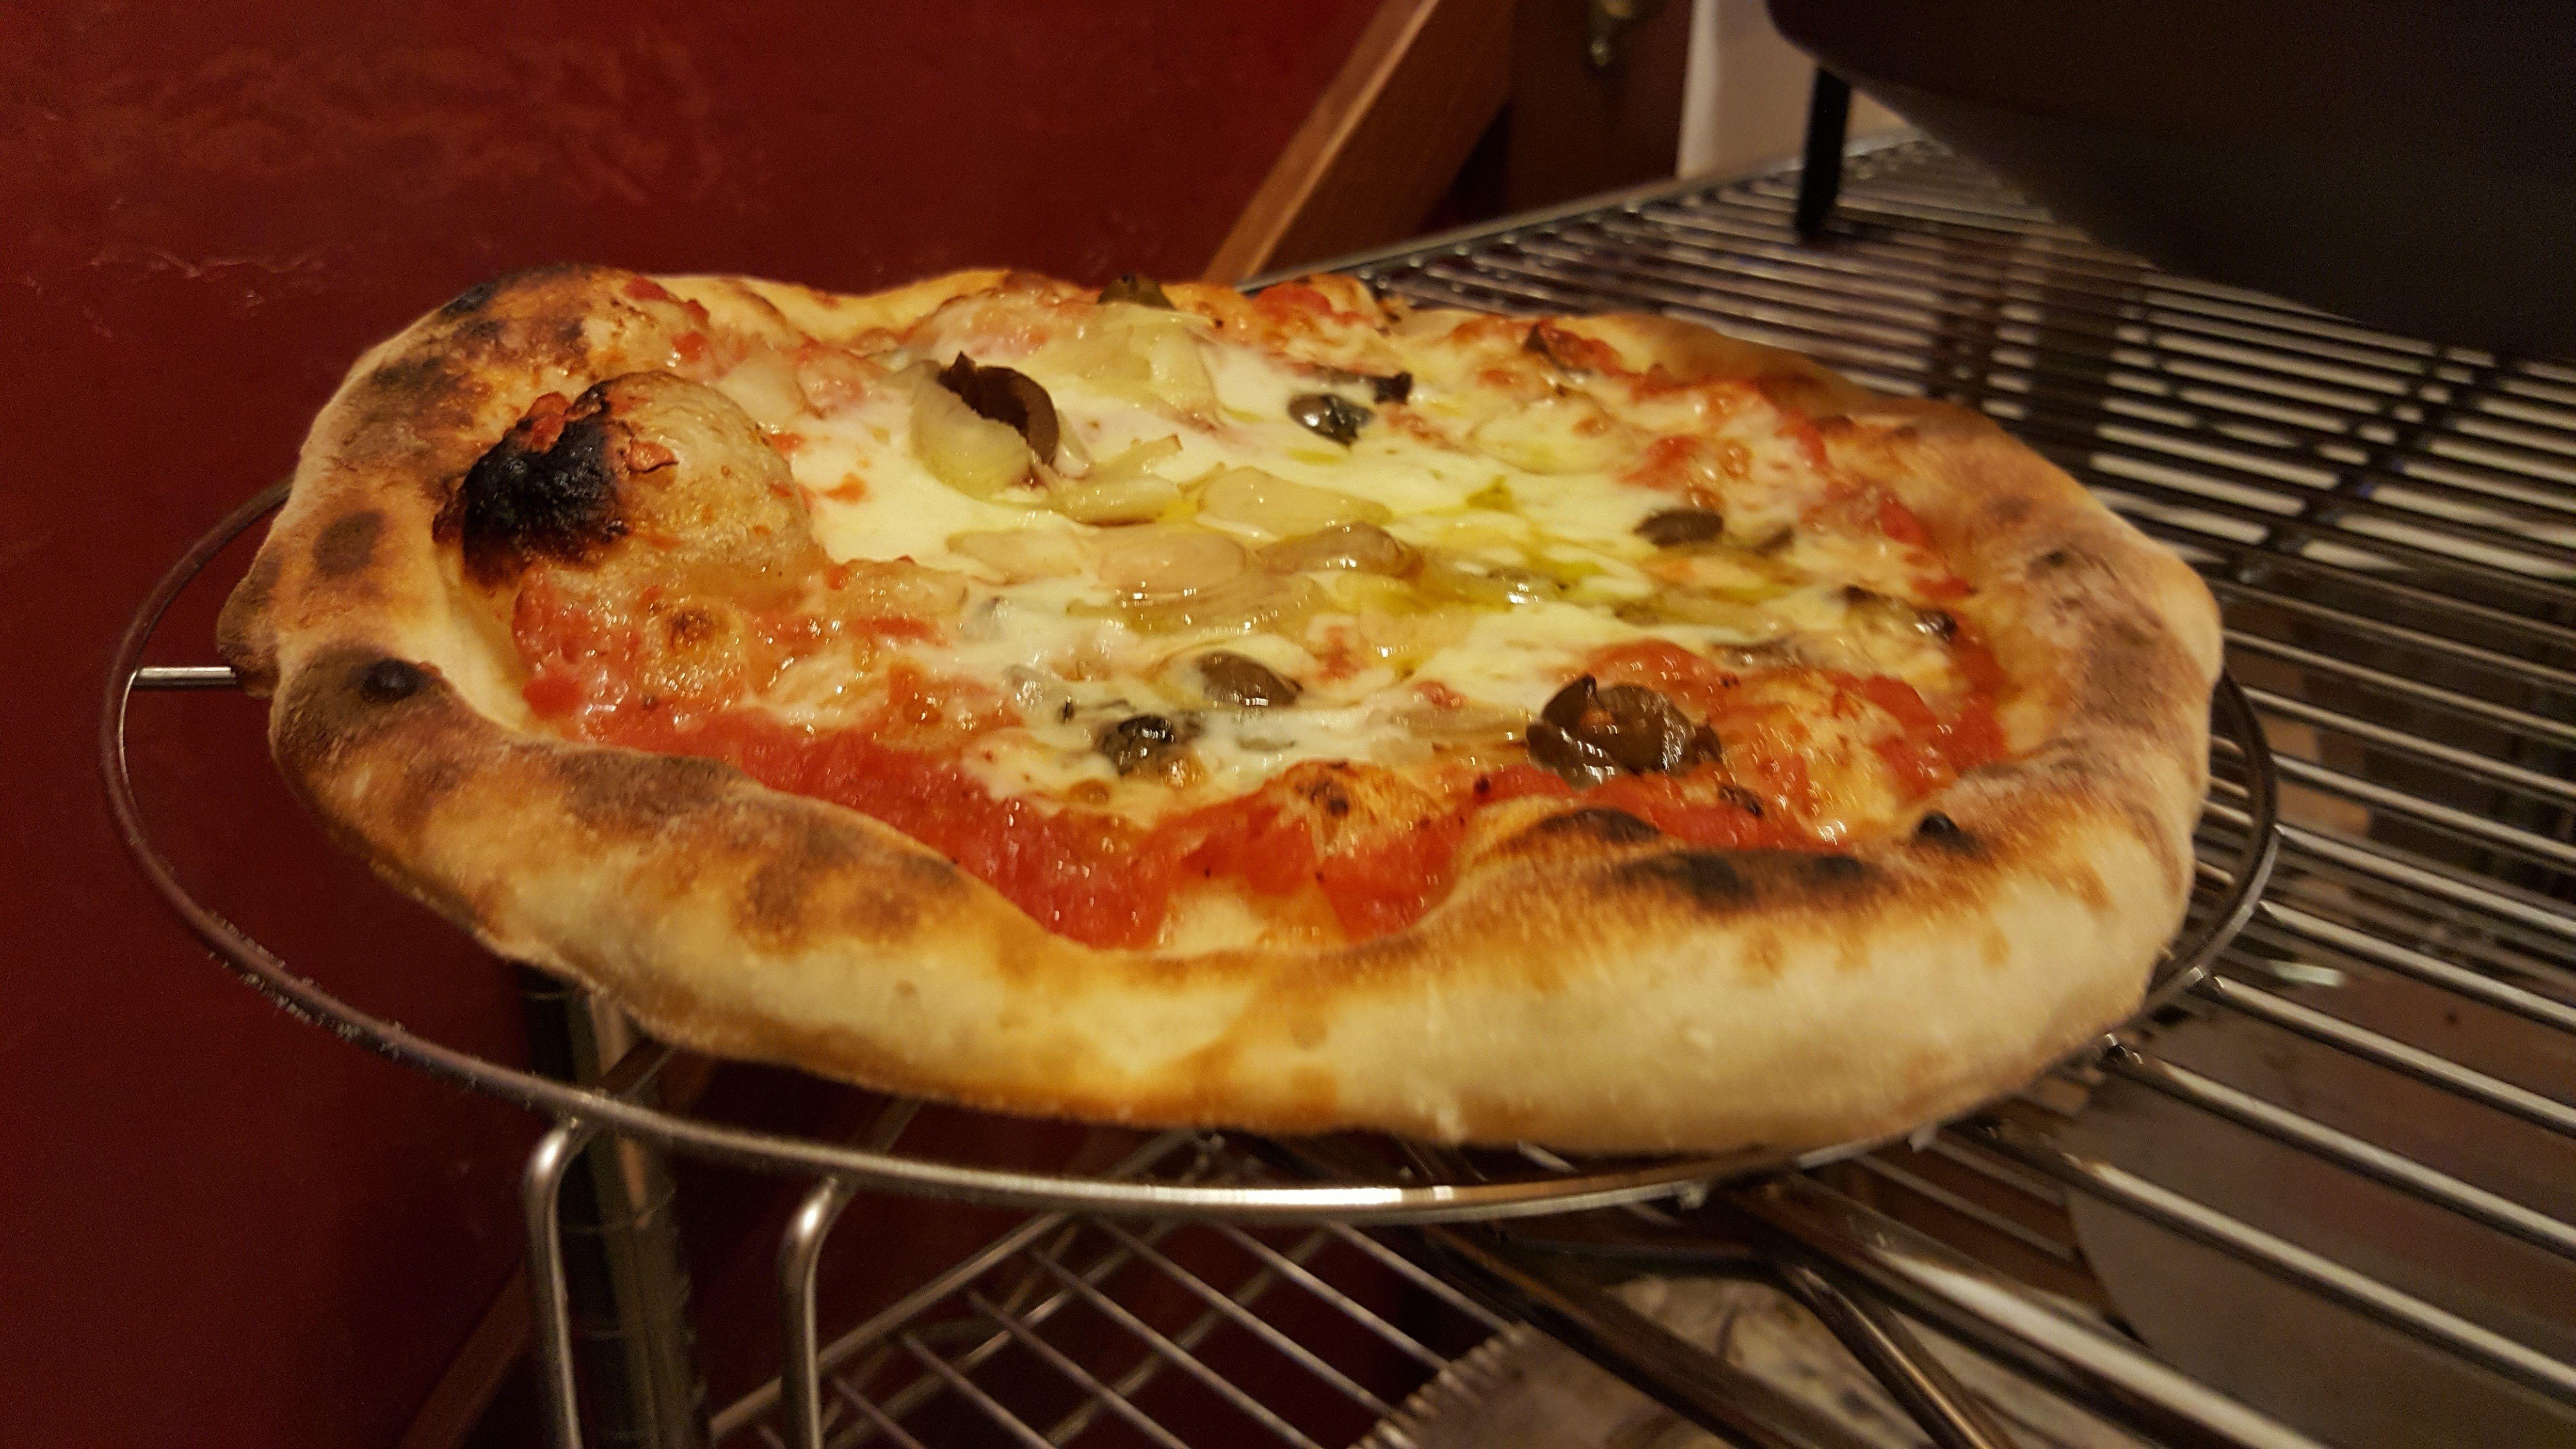 Ricetta Pizza Napoletana Viva La Focaccia.Ricetta Pizza Napoletana Semplice In 5 Minuti Al Giorno Vivalafocaccia Ricetta Ricette Pizza Ricette Pizza Napoletana